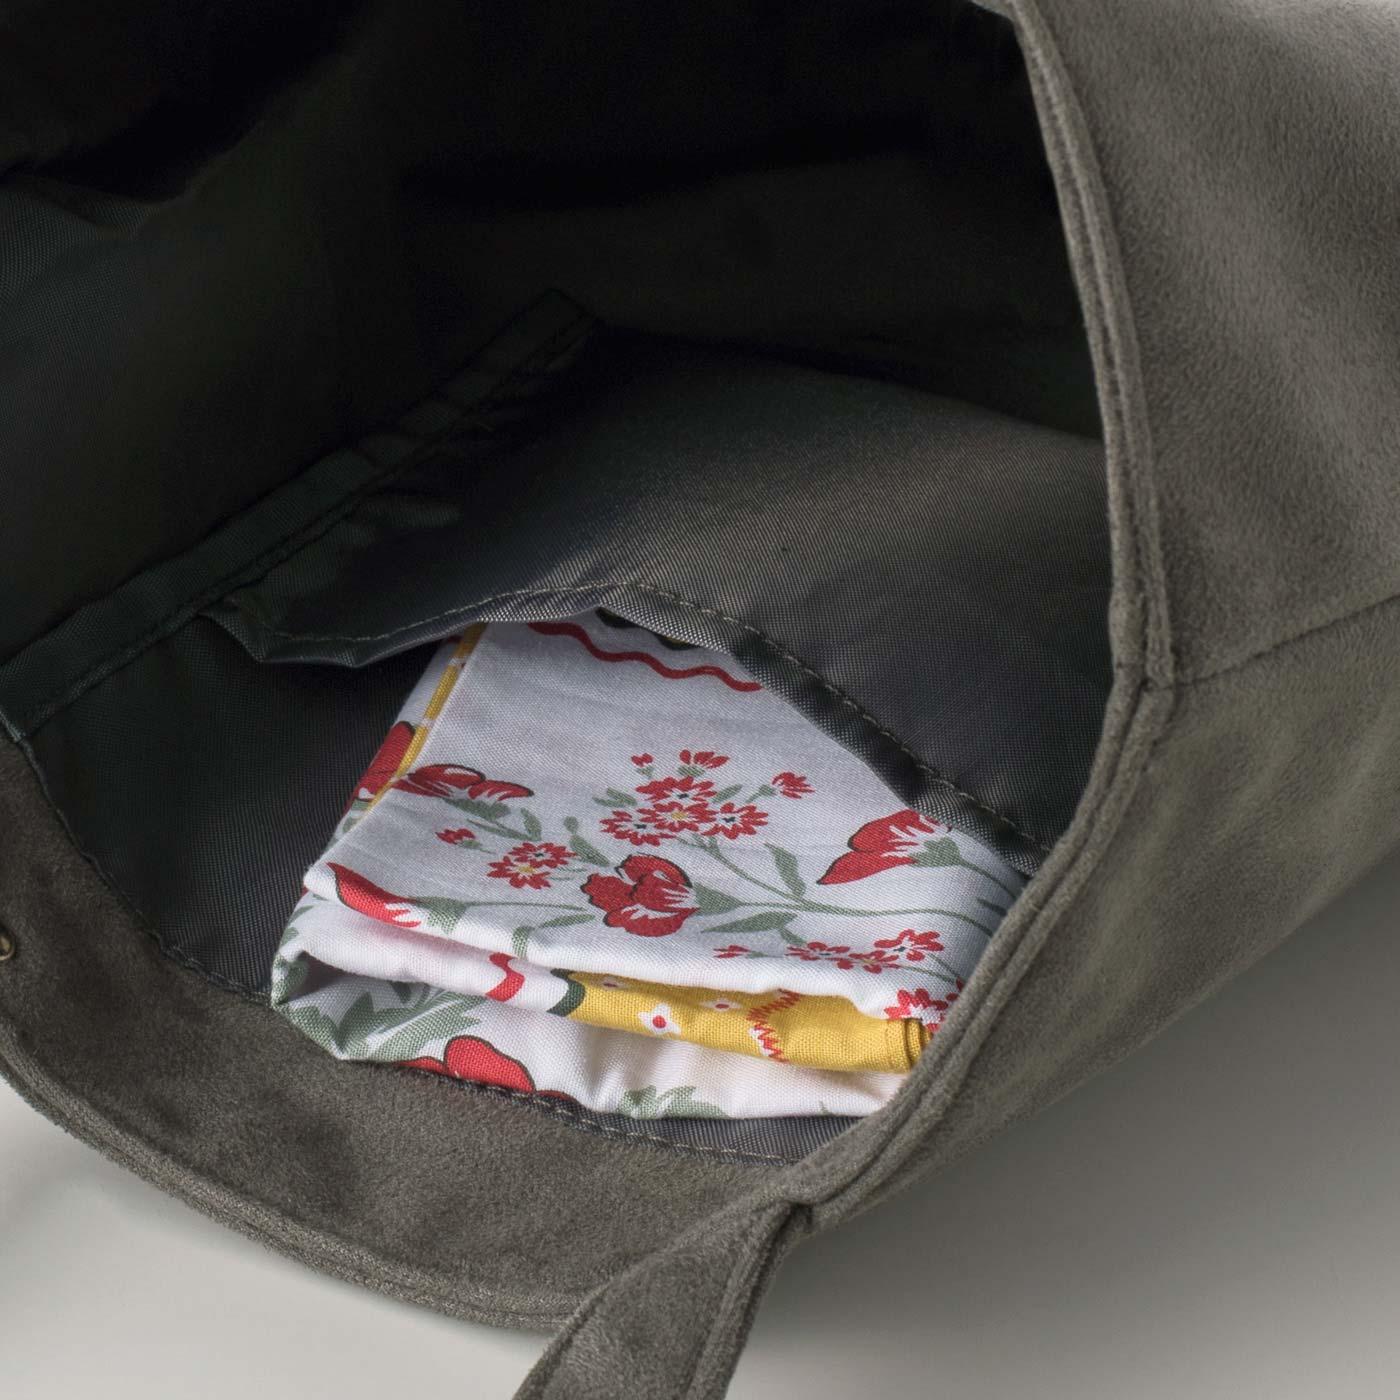 ハンカチなどの小物が入れられる、便利な内ポケット付き。